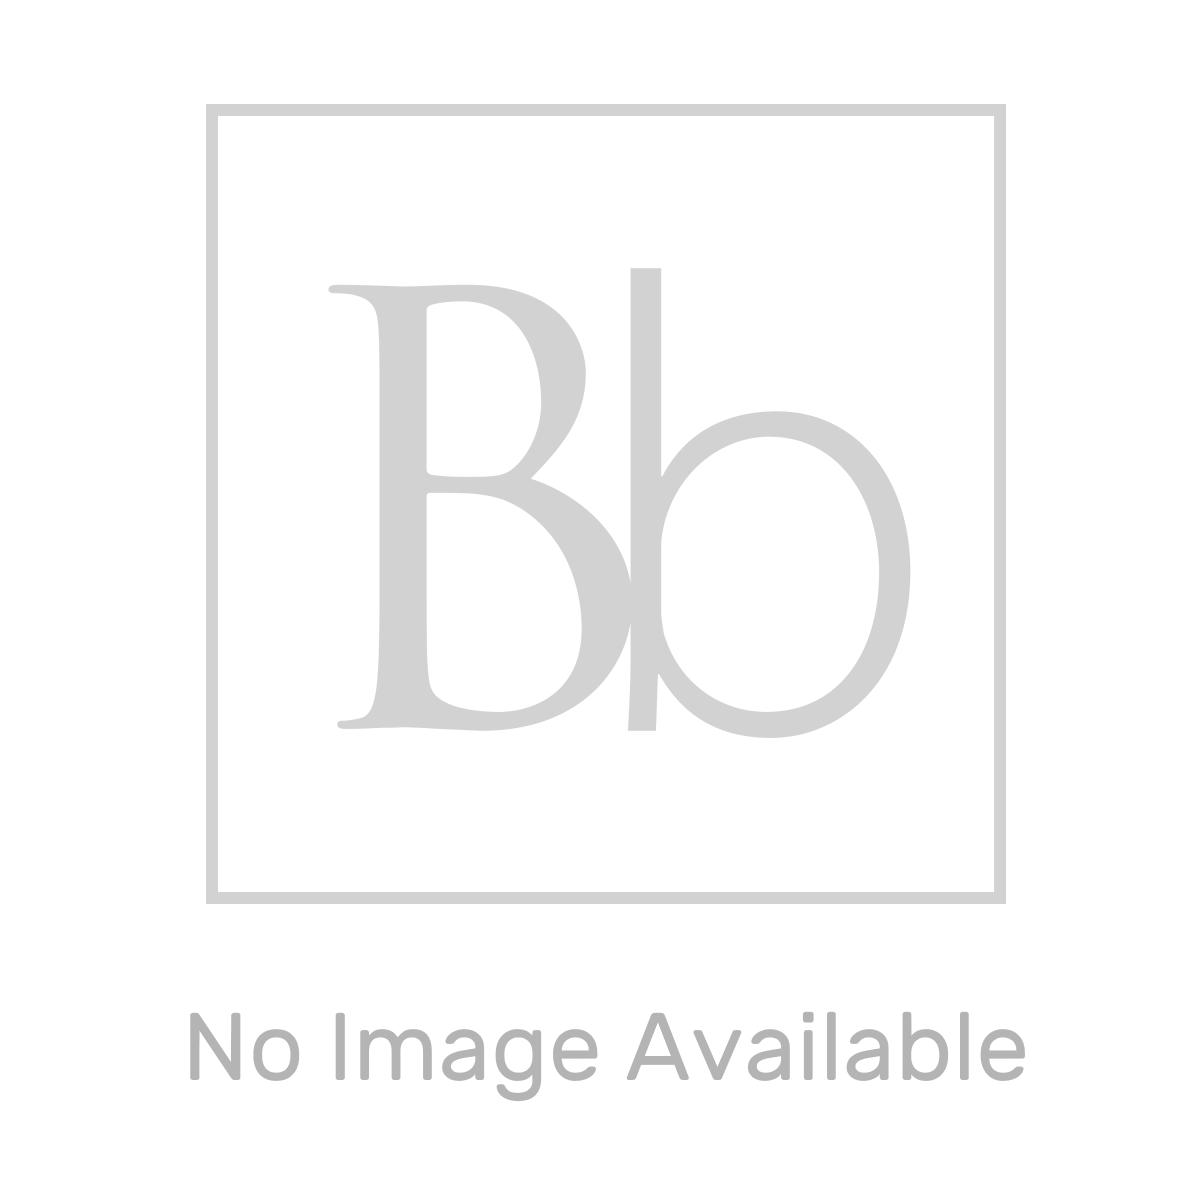 Cistermiser Accessible No Touch Mains Urinal Flush Valve - Lifestyle